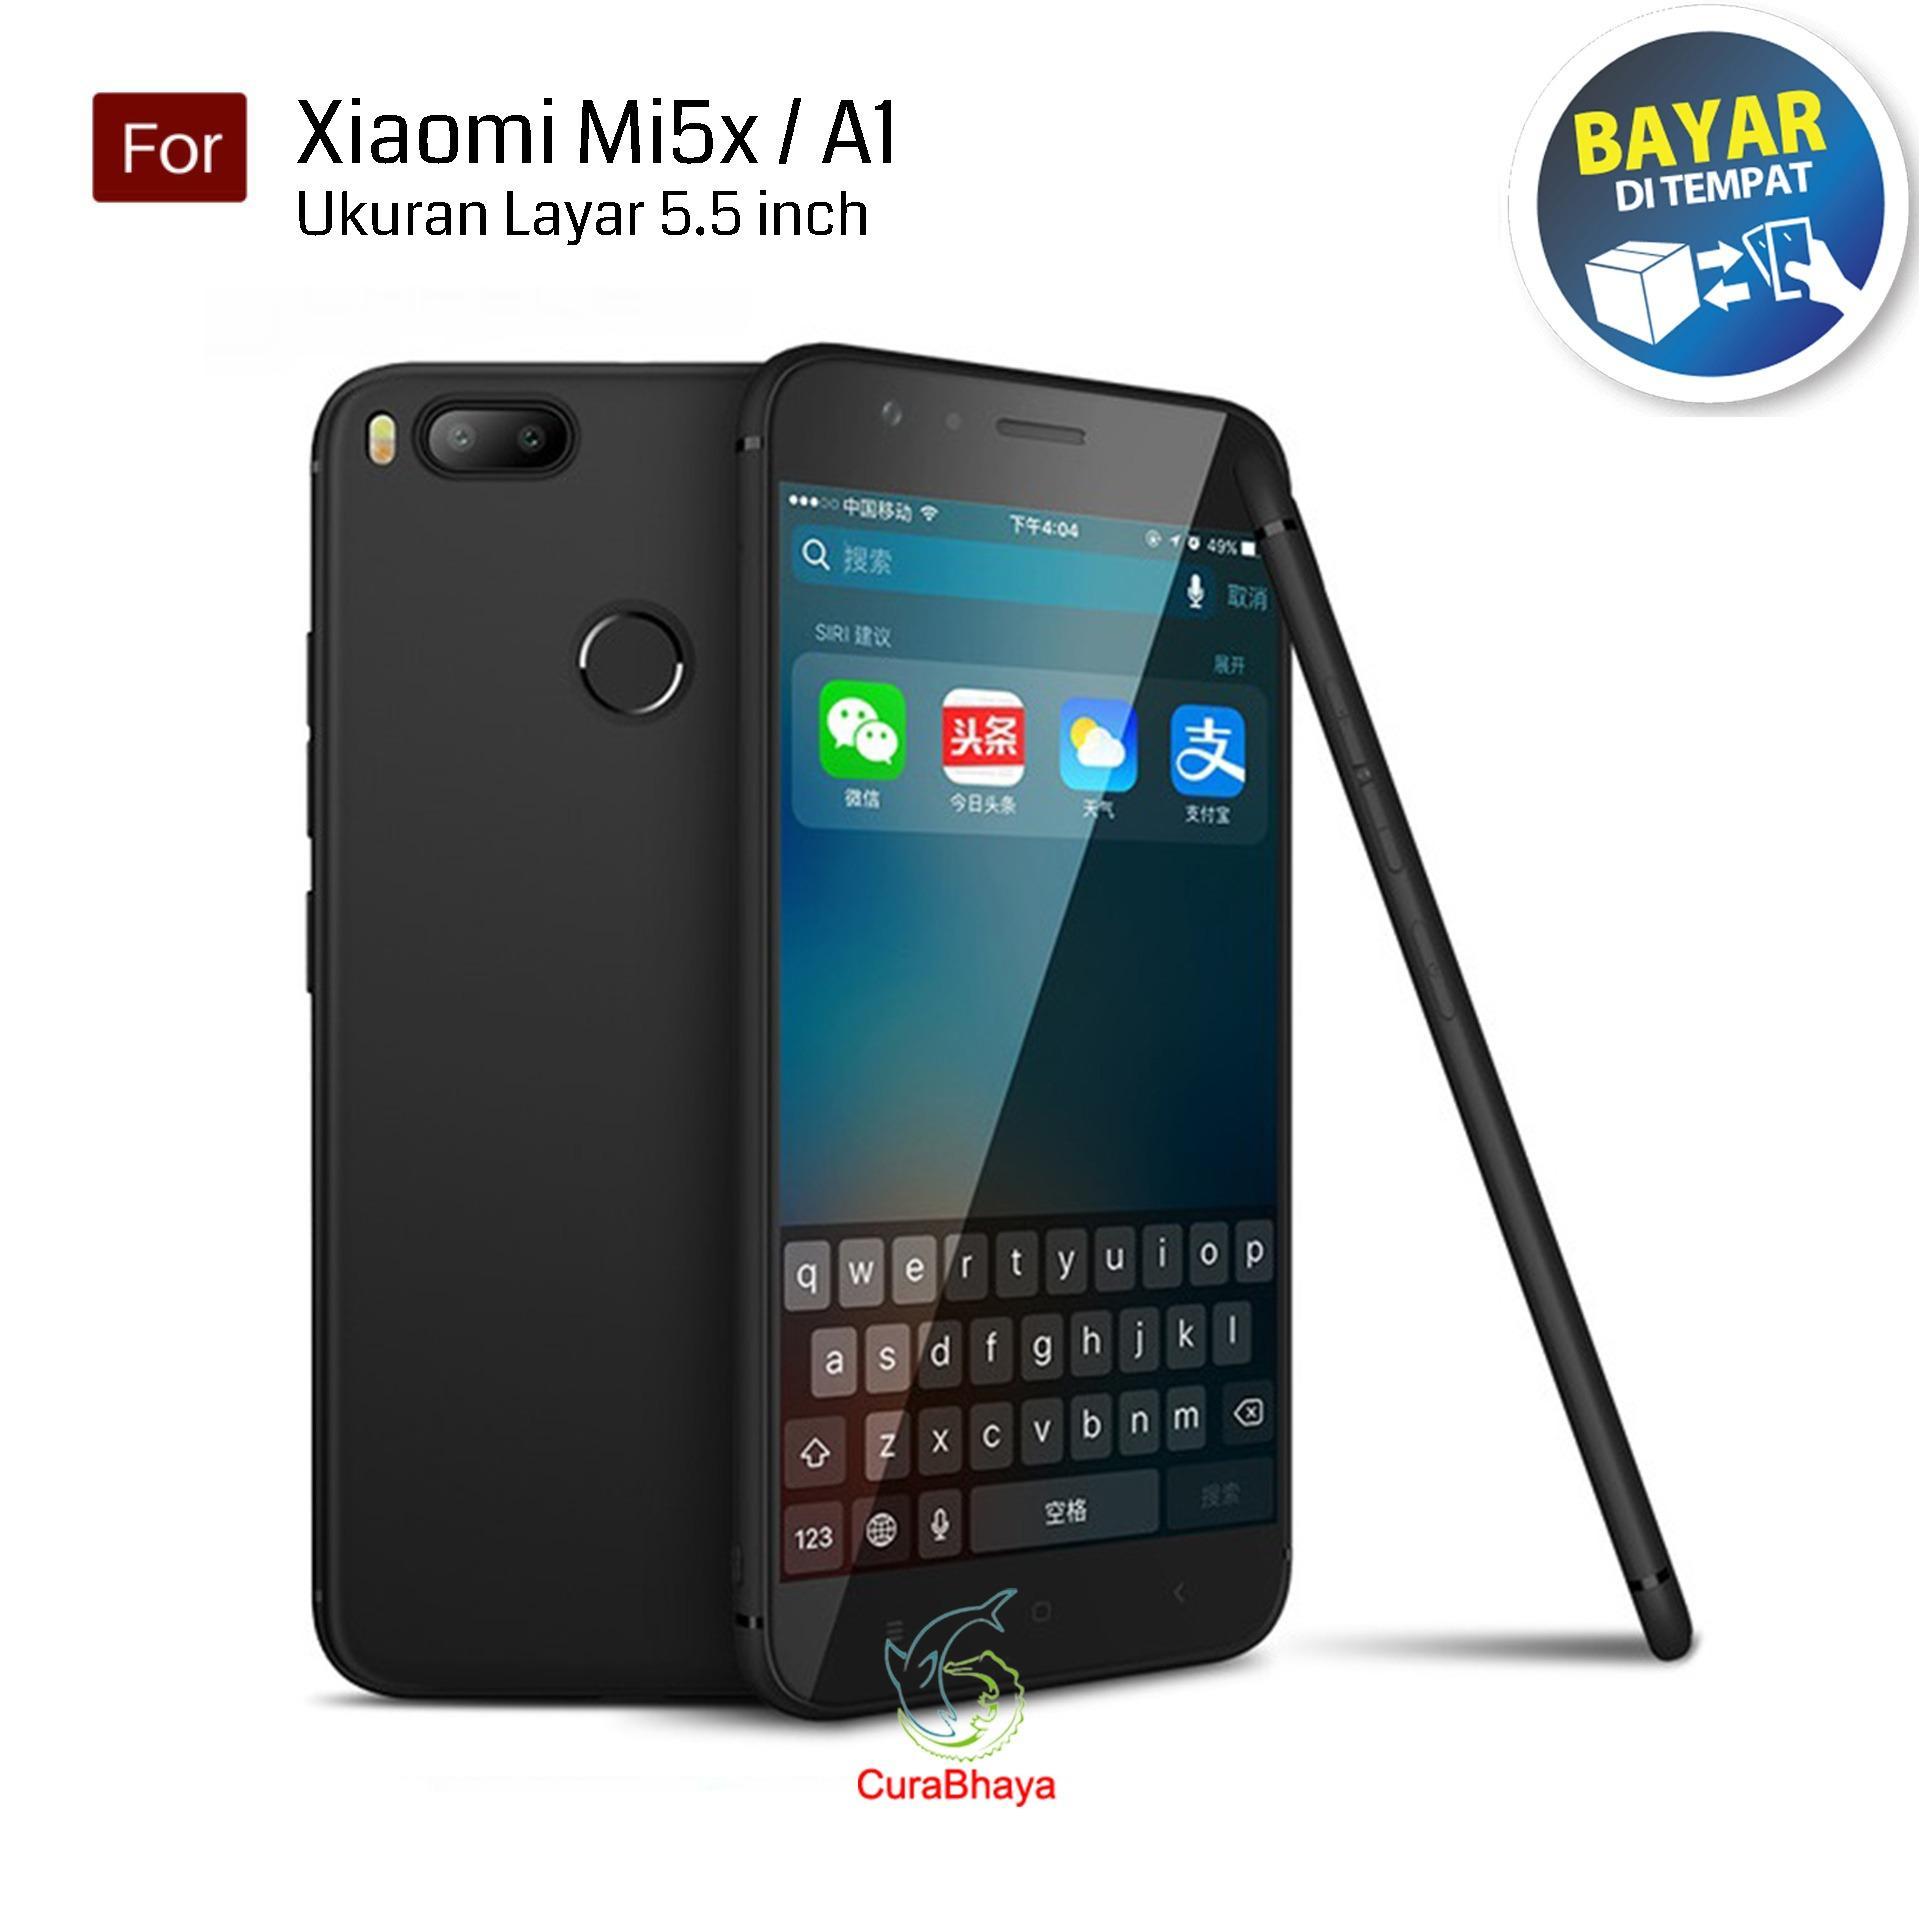 Buy Sell Cheapest 5x Mini No Best Quality Product Deals Madu Tonik 5 X Lebih Dahsyat Midnight Xiaomi Mi Mi5x A1 55